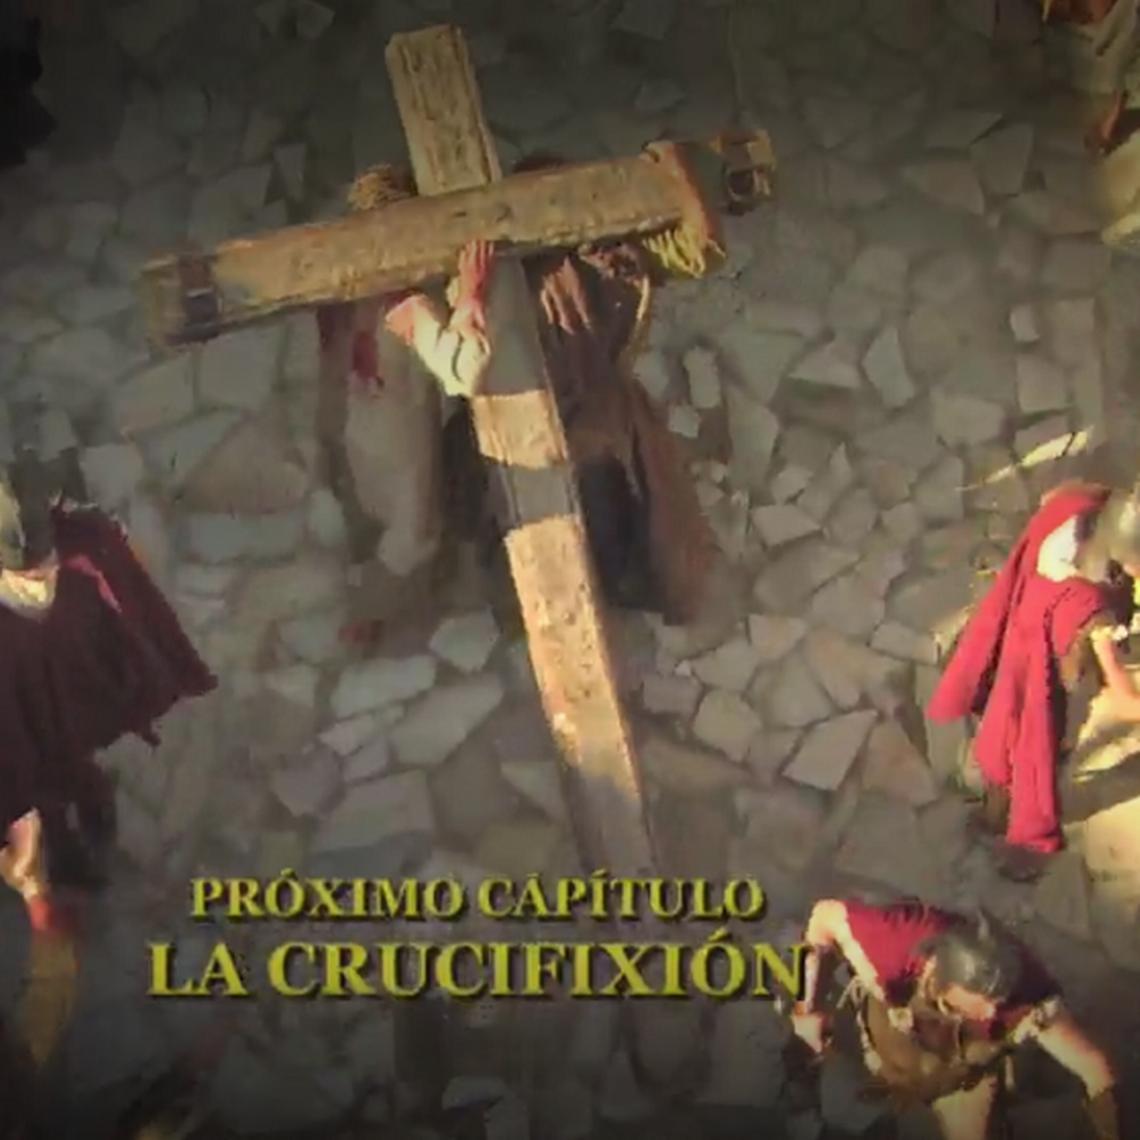 Próximo capítulo: La crucifixión